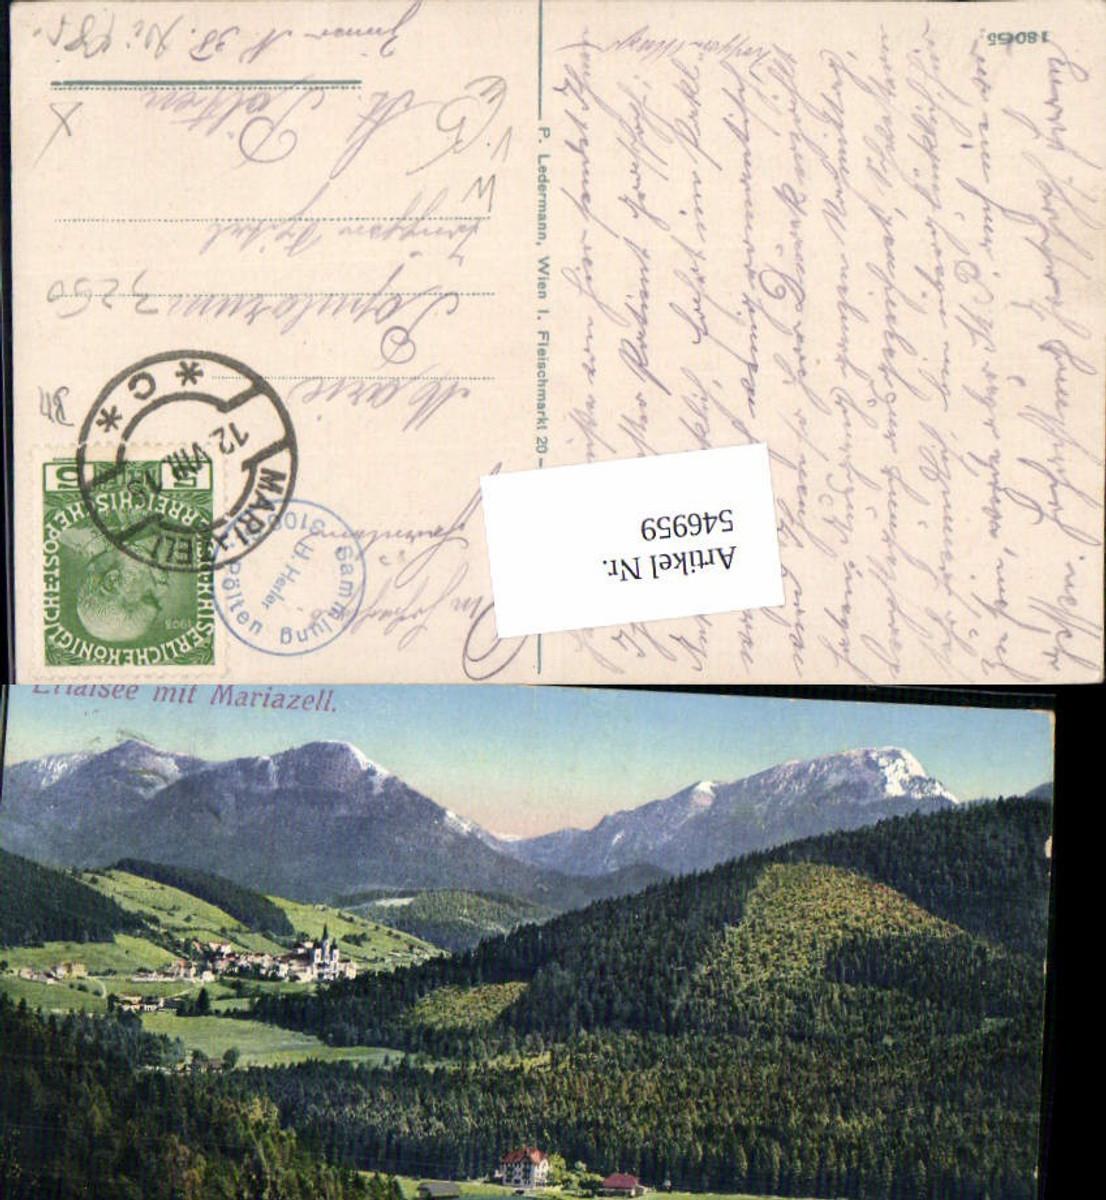 546959,Erlafsee Erlaufsee bei Mariazell Mitterbach pub Ledermann 18065 günstig online kaufen